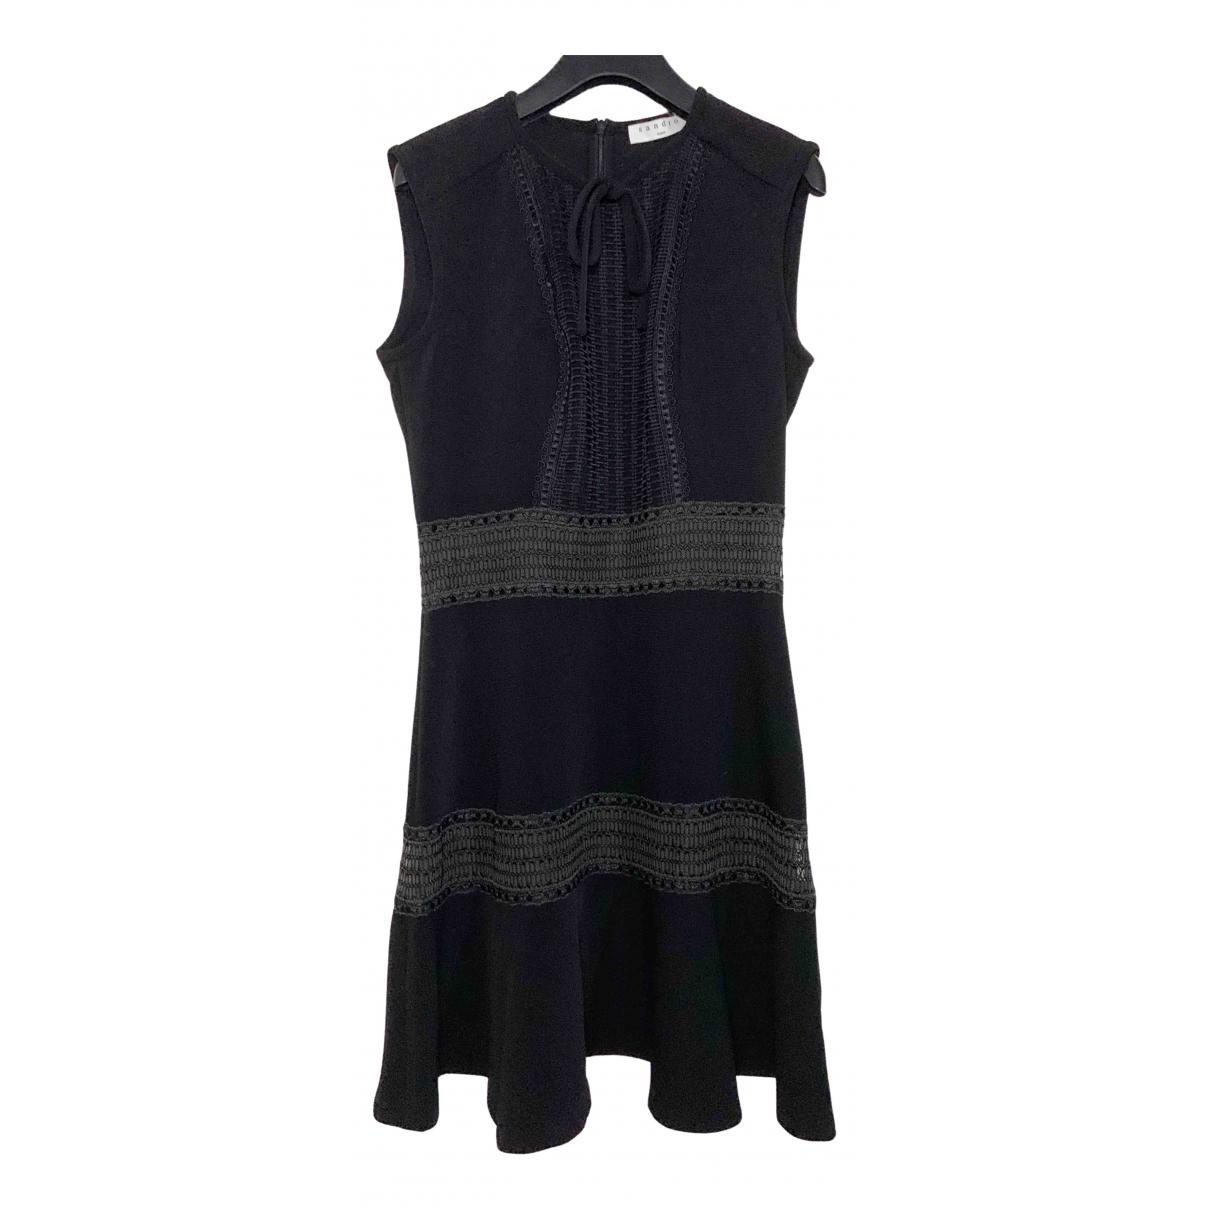 Sandro Spring Summer 2019 Black dress for Women 36 FR